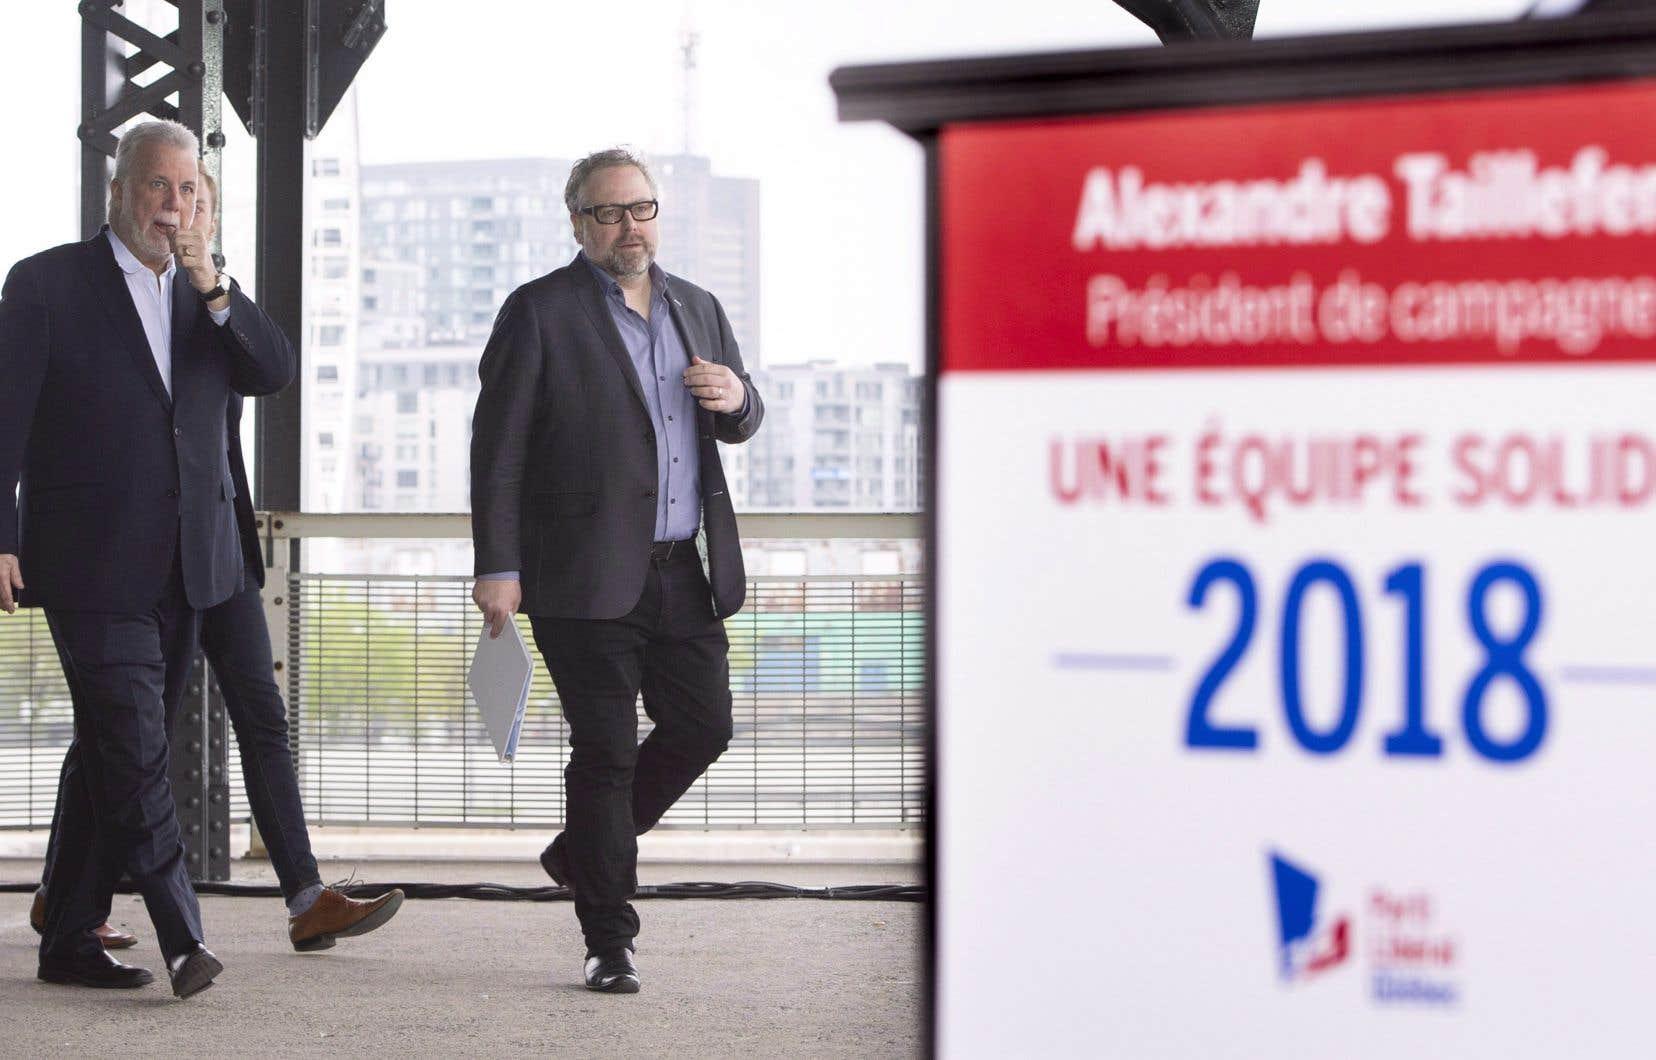 Le premier ministre Philippe Couillard et le président de campagne du Parti libéral du Québec, Alexandre Taillefer